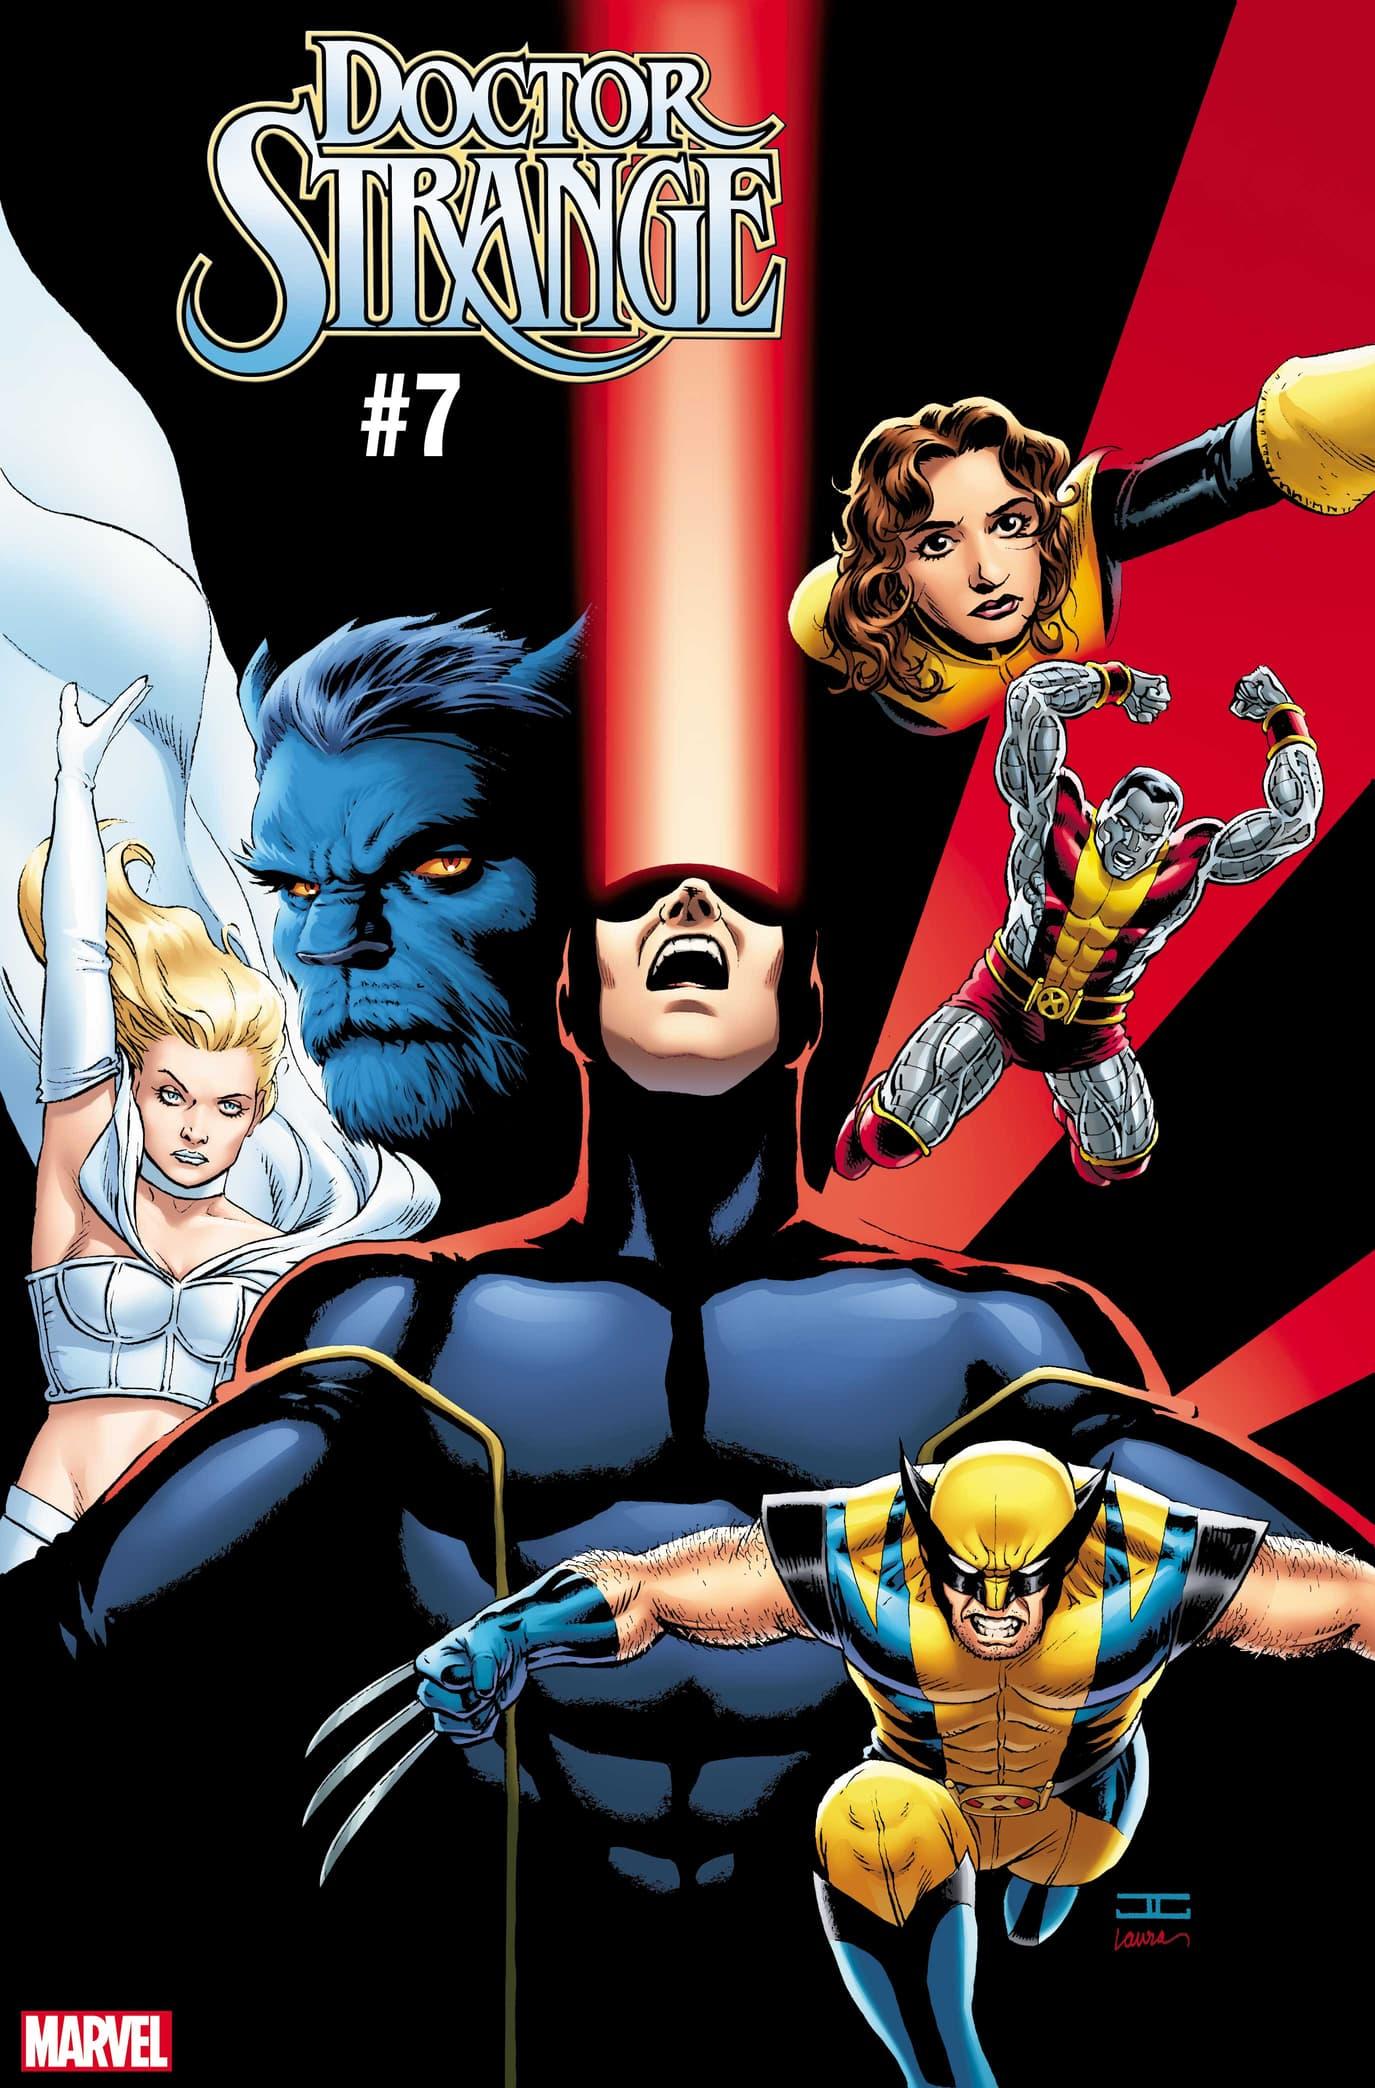 DOCTOR STRANGE #7 / UNCANNY X-MEN VARIANT COVER by John Cassaday